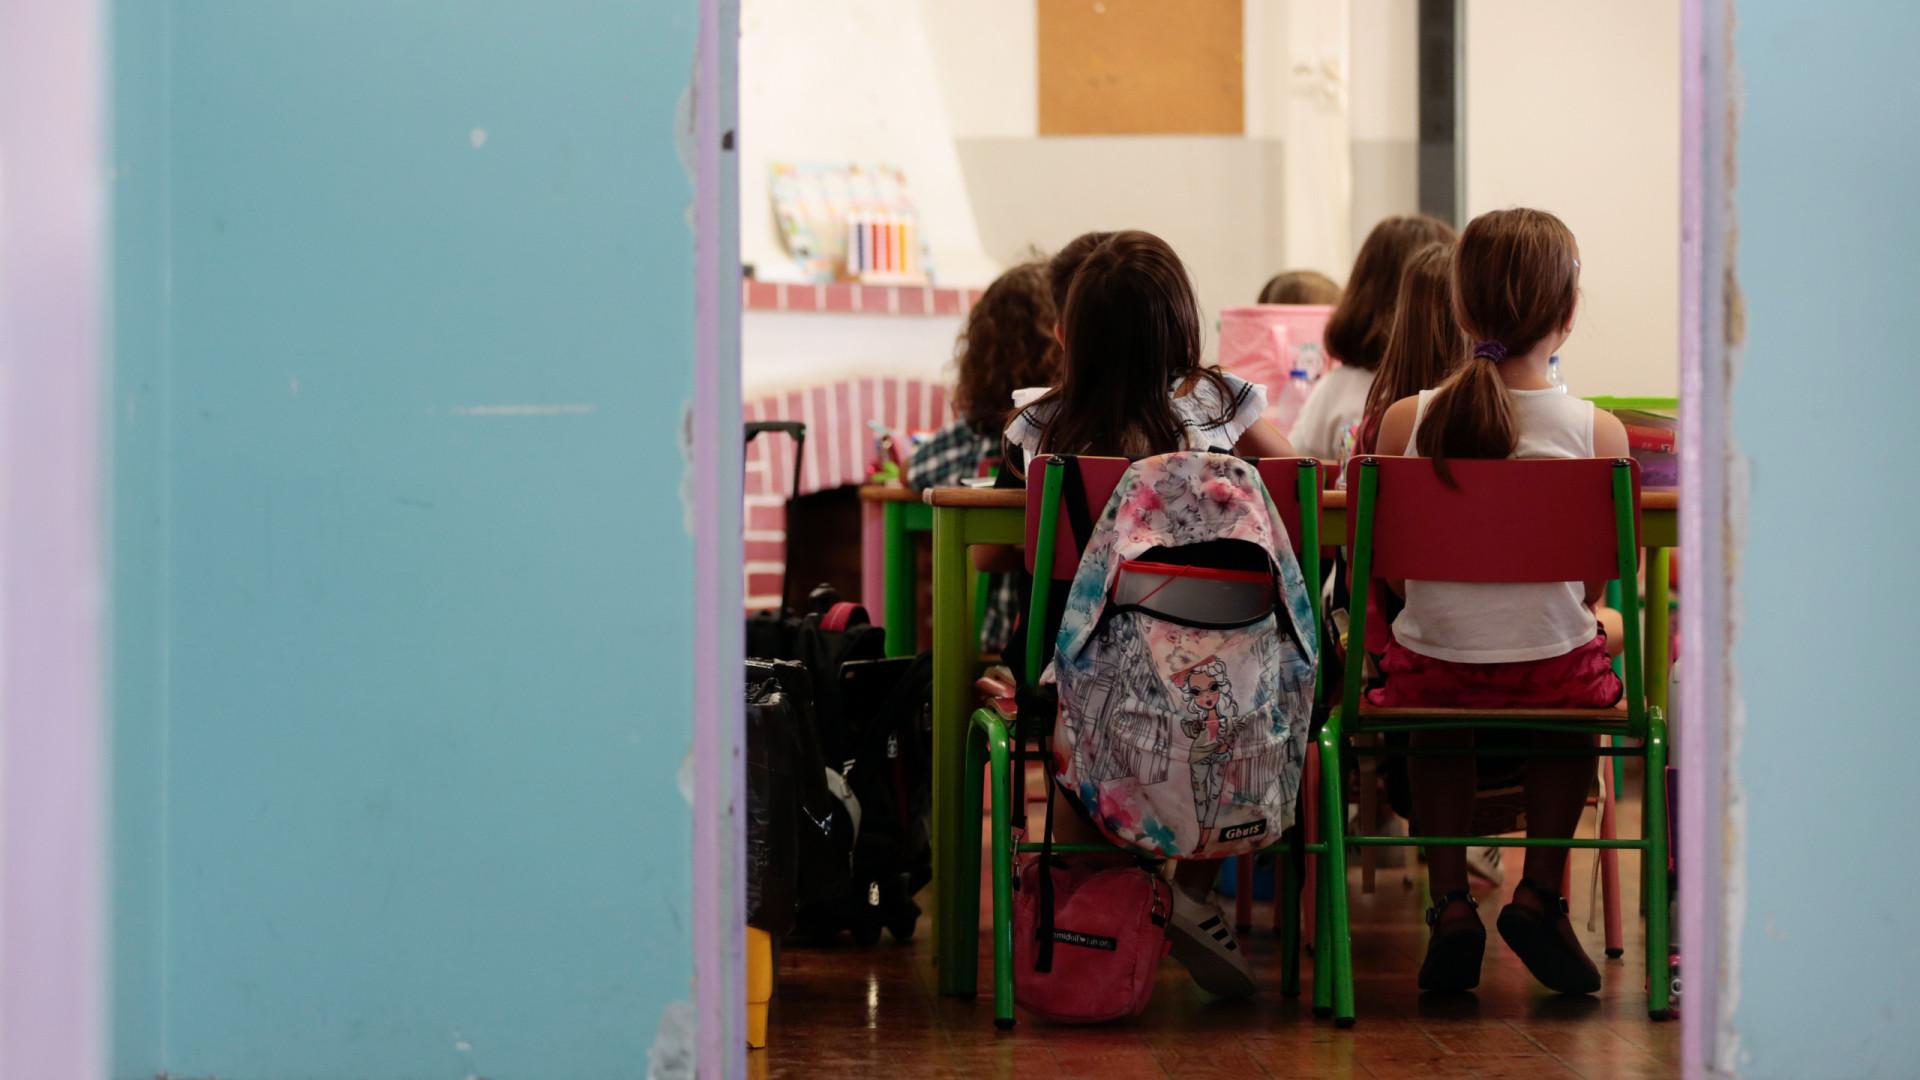 Diretor-geral da Educação retira inquérito com acusações de racismo